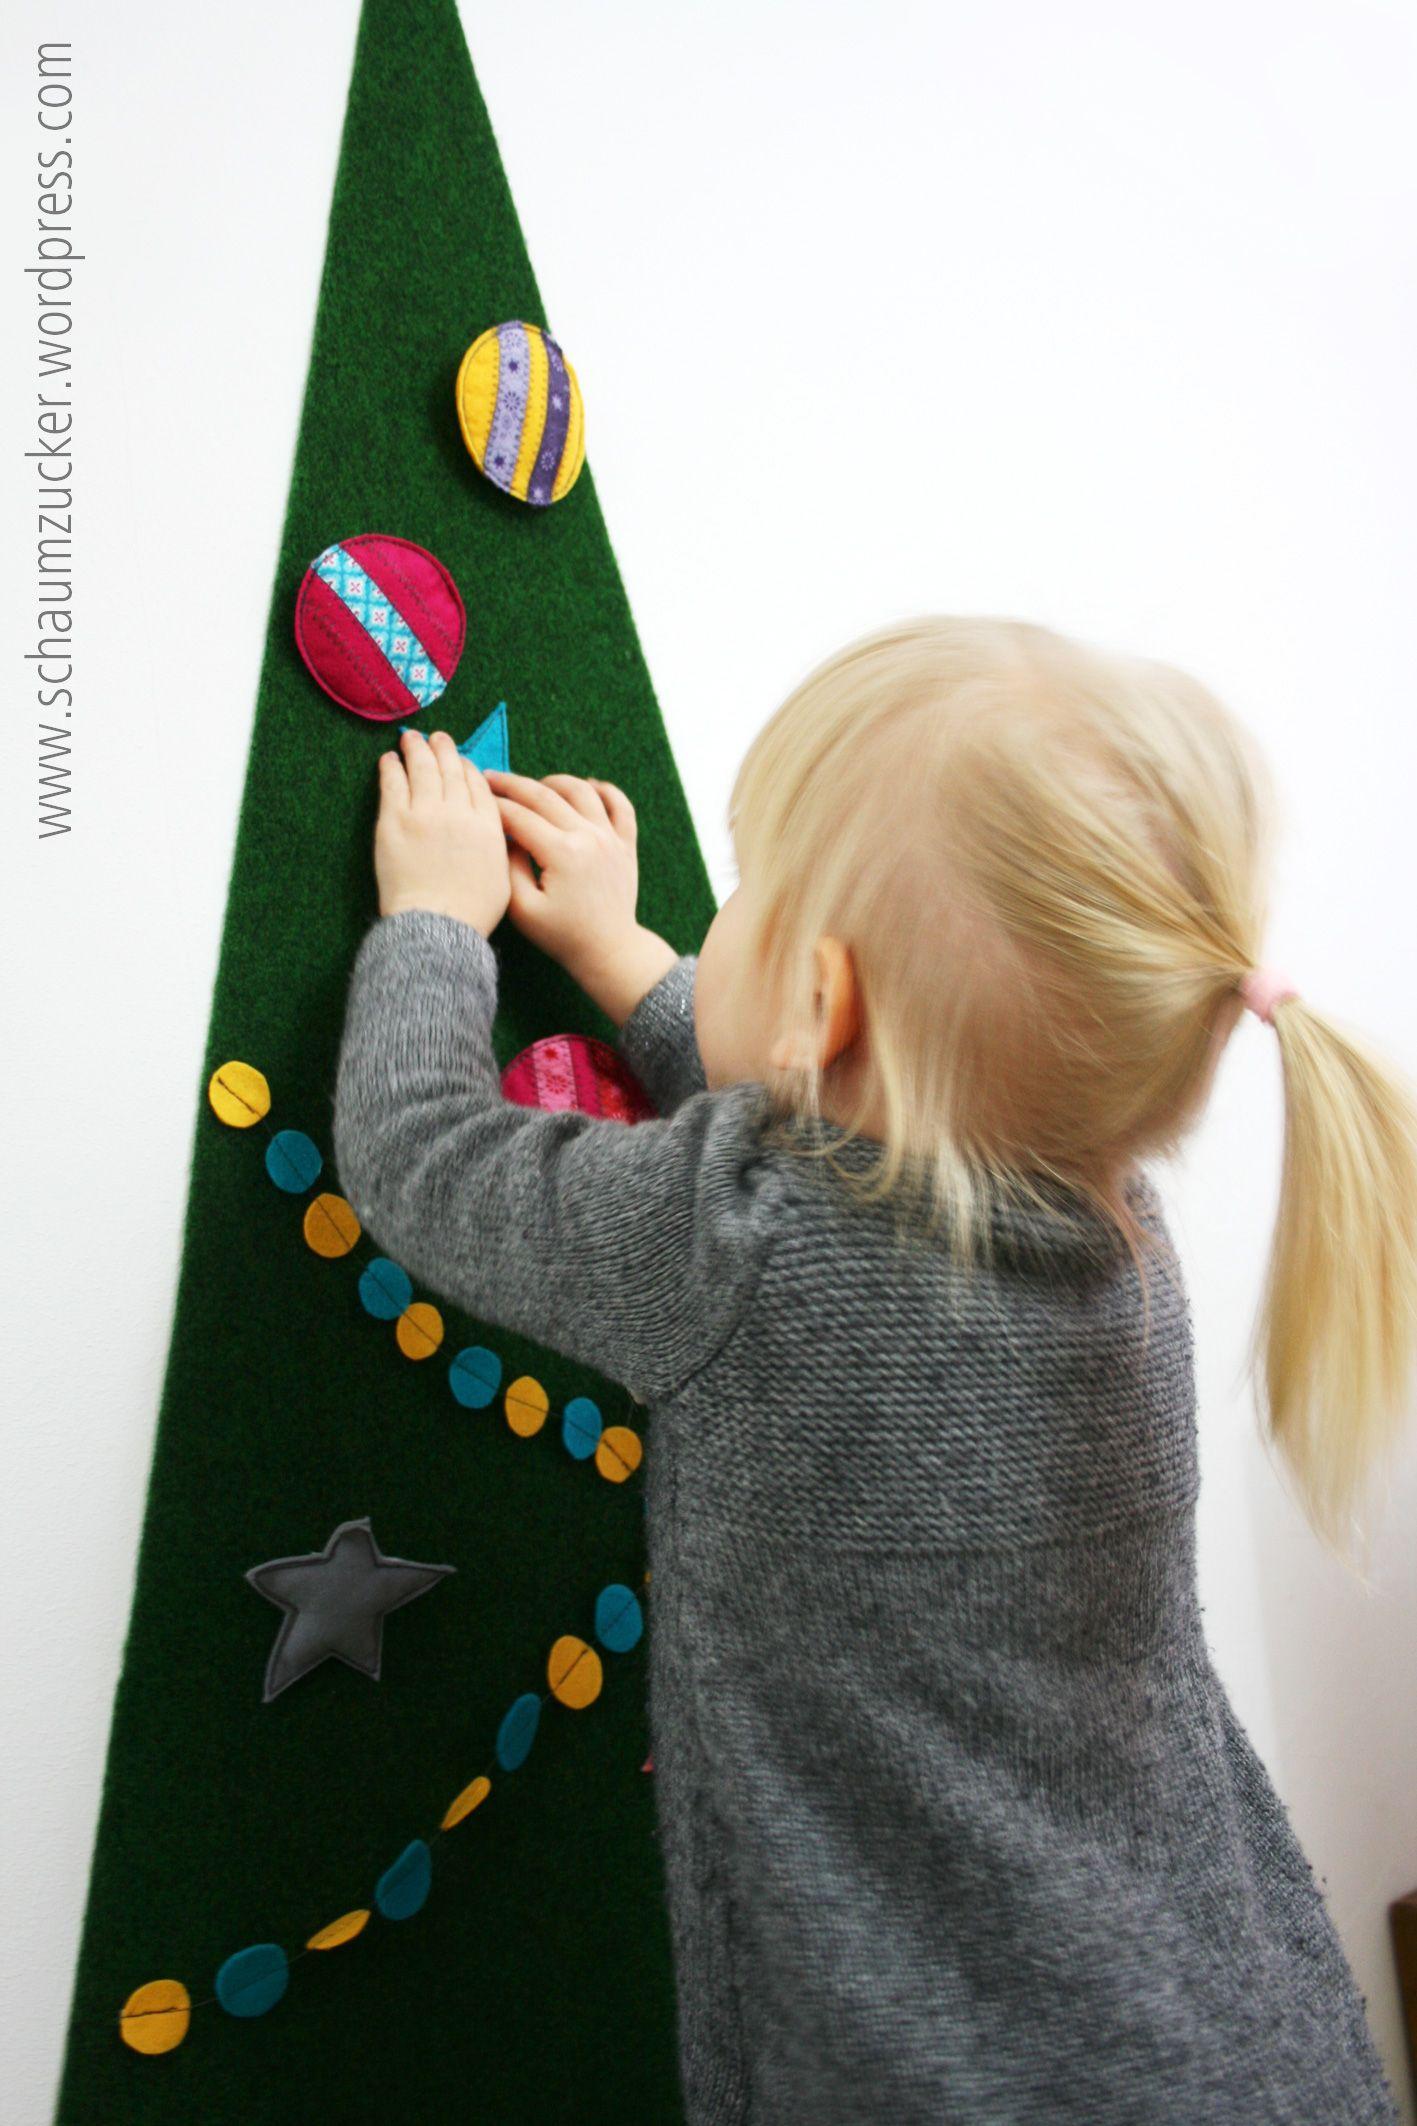 diy weihnachtsb umchen zum bespielen sewing ideas and. Black Bedroom Furniture Sets. Home Design Ideas